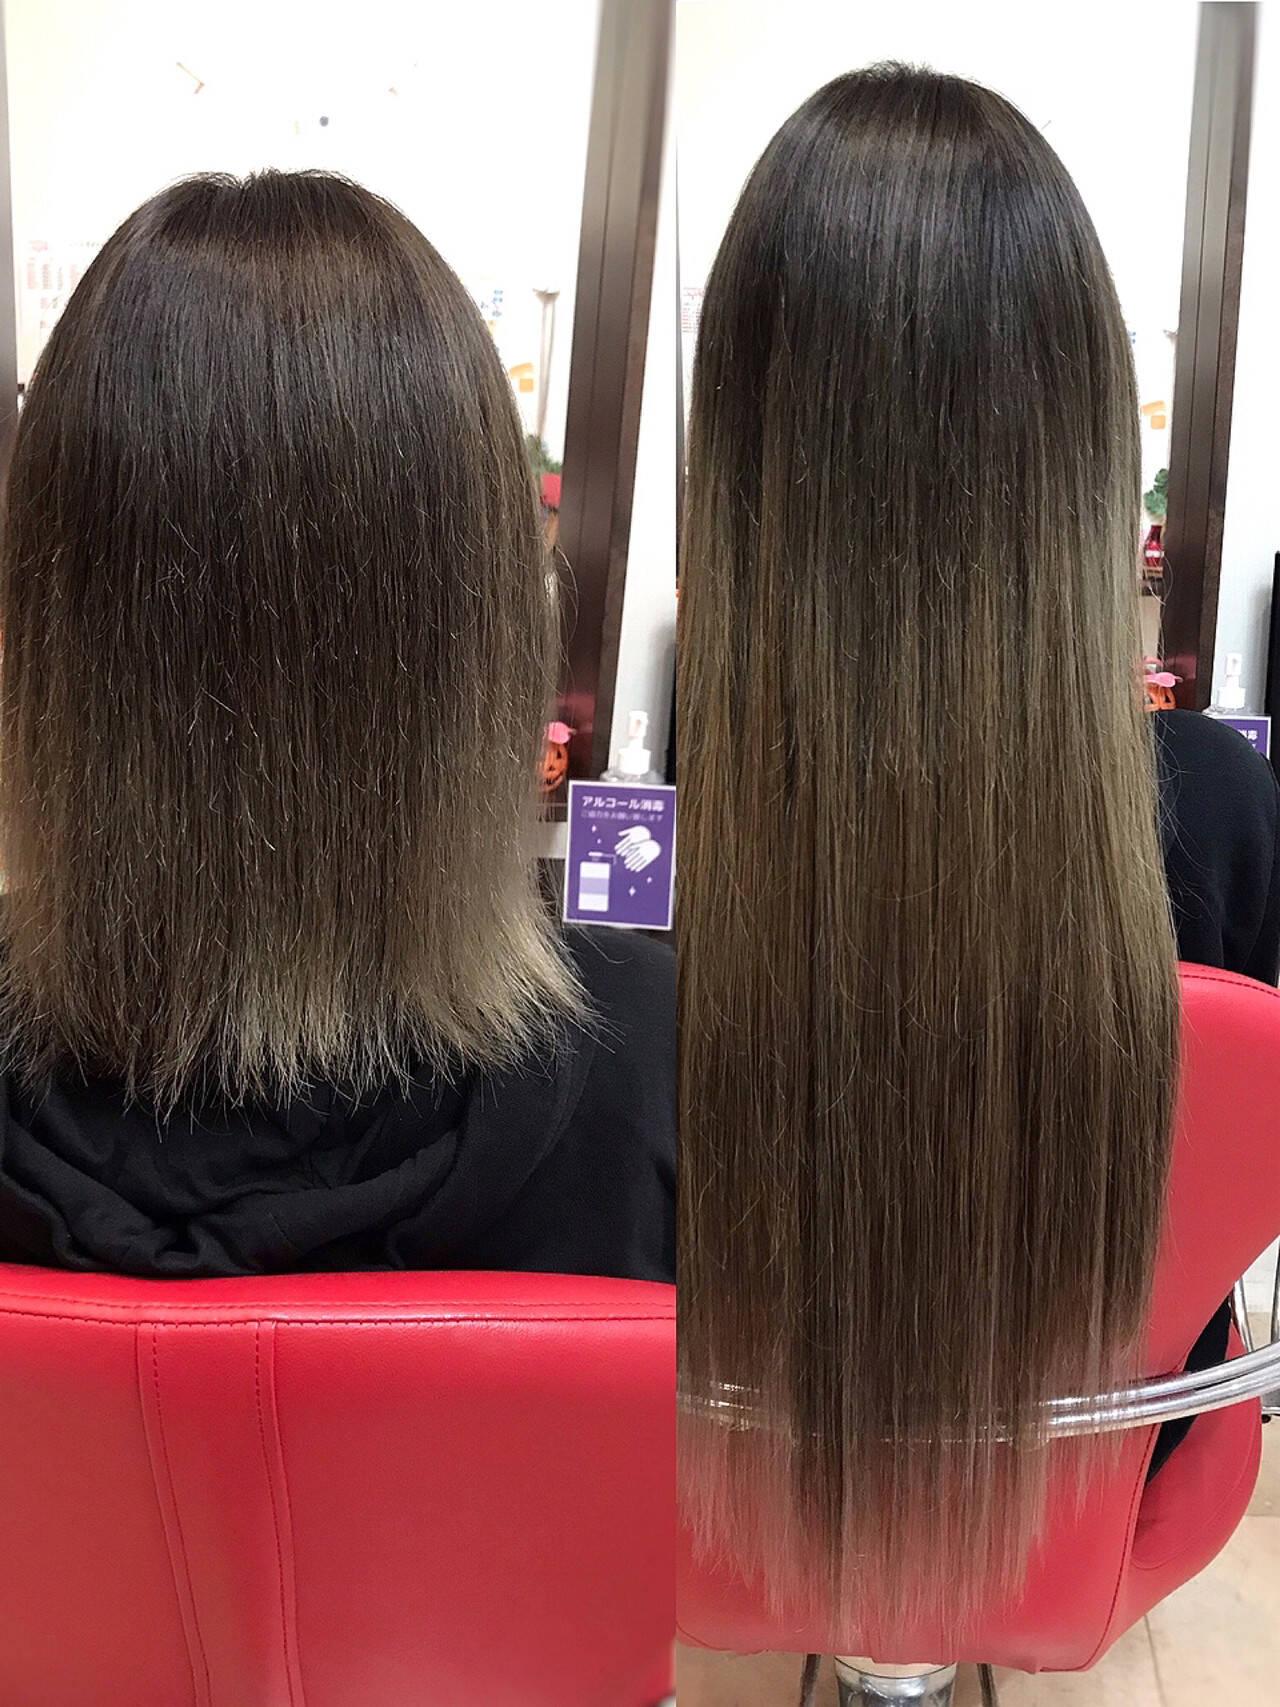 ストレート 韓国ヘア エクステ ナチュラルヘアスタイルや髪型の写真・画像